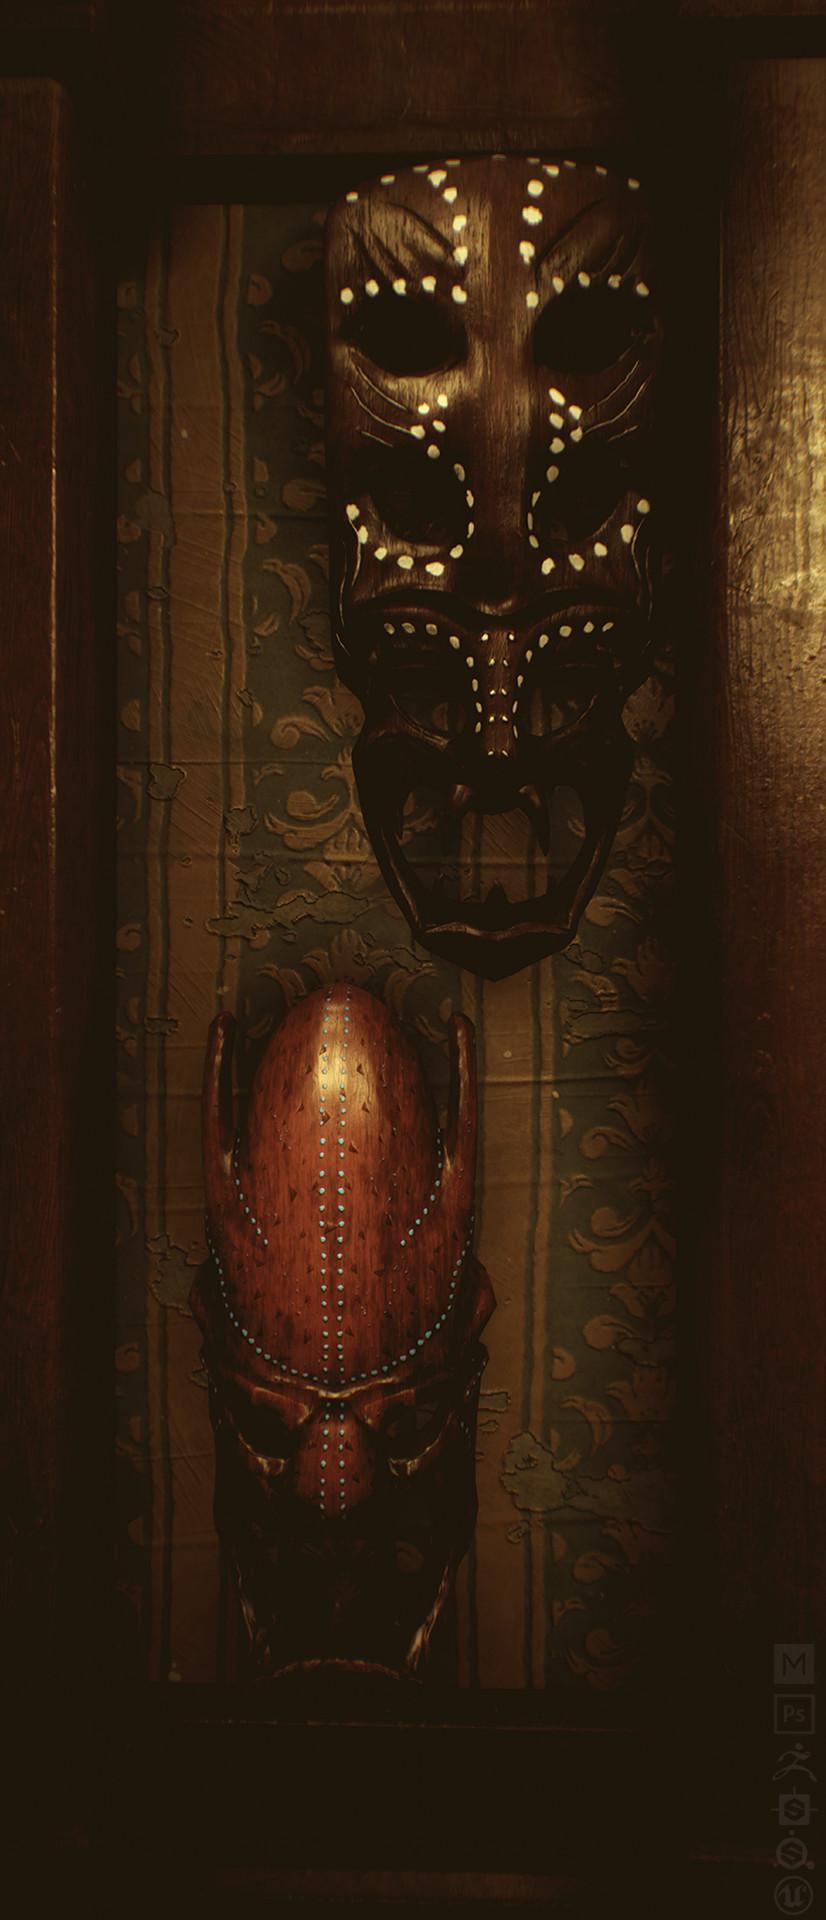 Paul mandegarian mask 01